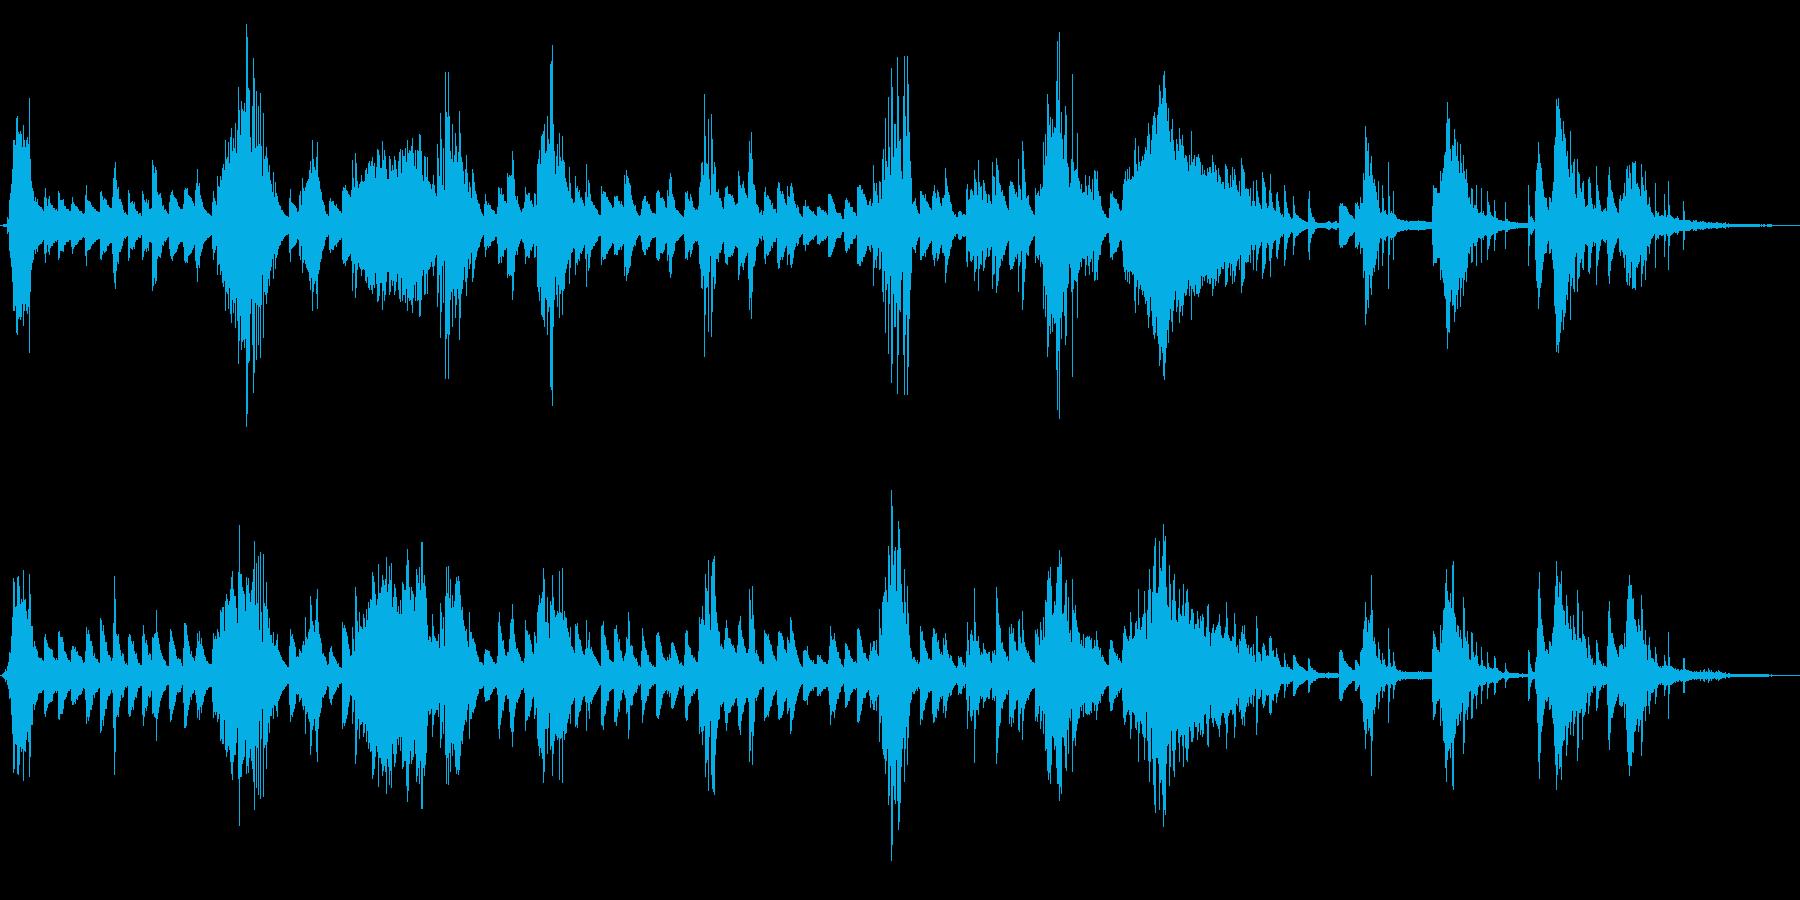 アドリブ風なピアノソロの叙情的なワルツの再生済みの波形